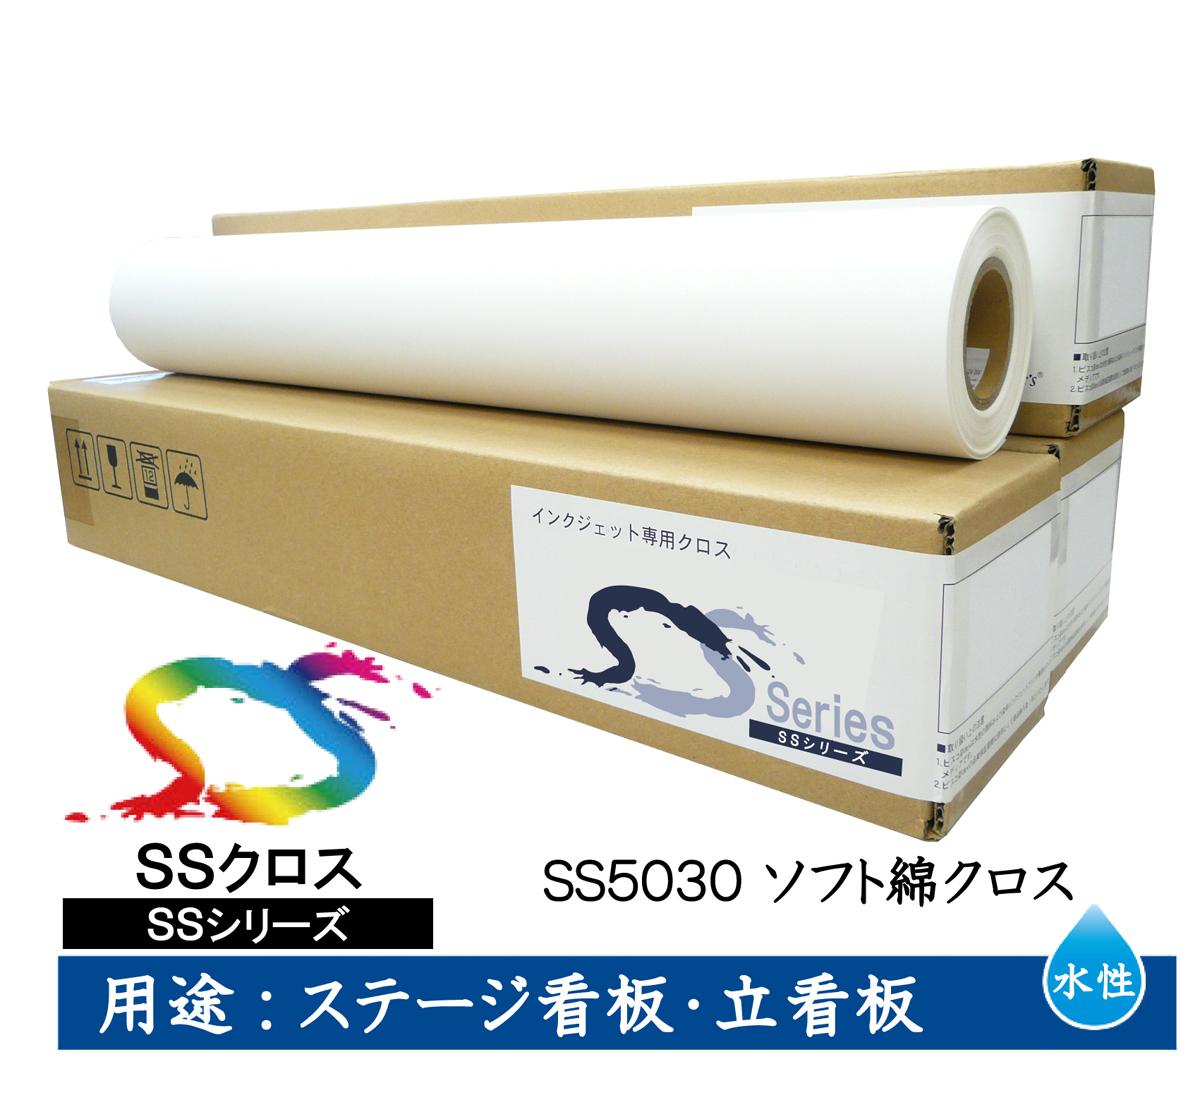 セーレン 水性クロスメディア SSシリーズ ソフト綿クロス 1100mm×35m 2インチ SS5030 [ SS5030-1100 ]